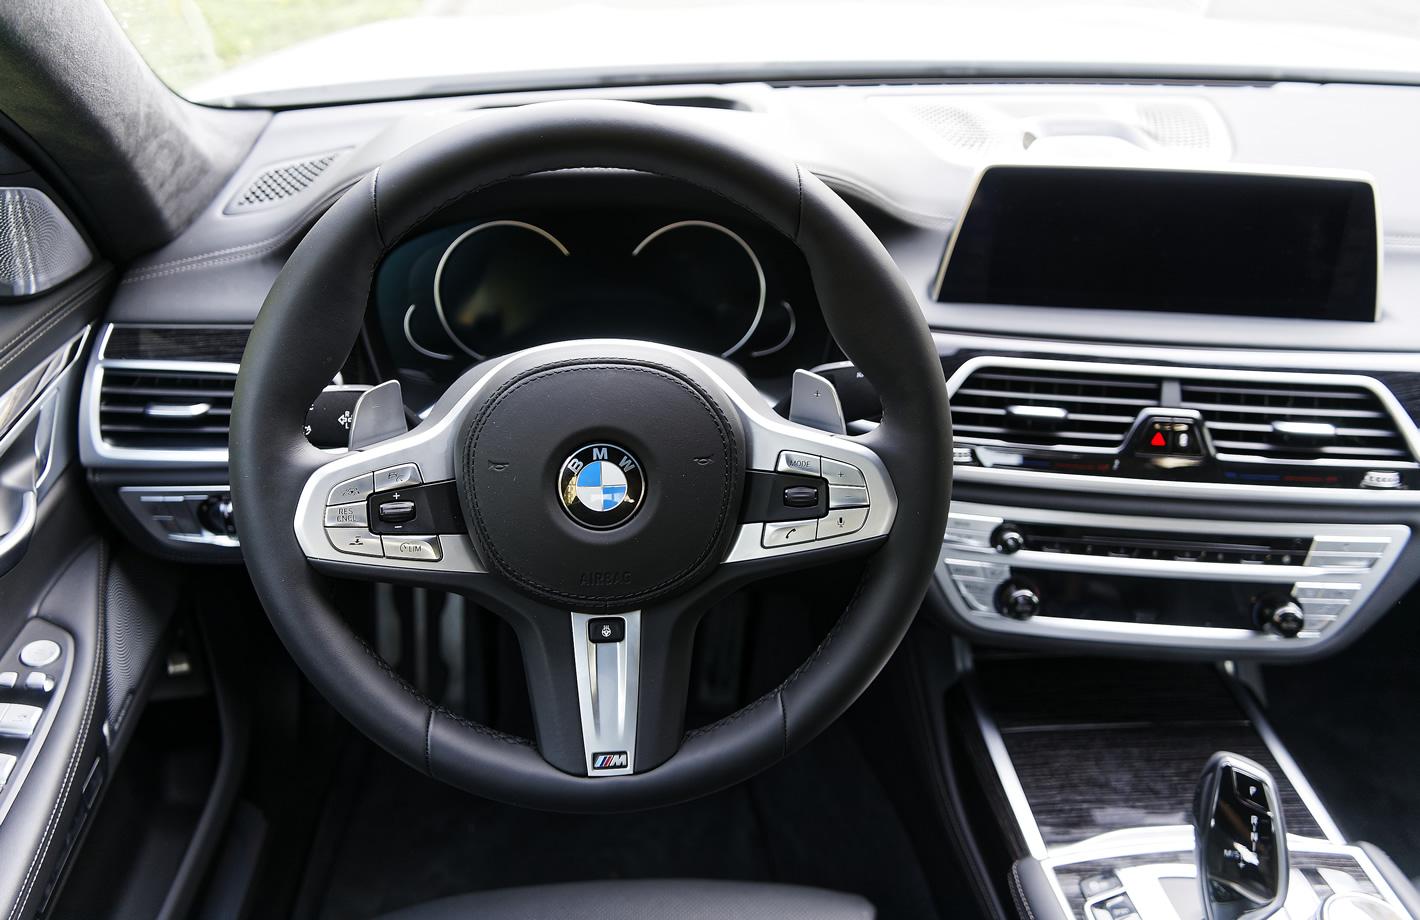 BMW 740e iPerformance Hybryda Plug-In - kierownica